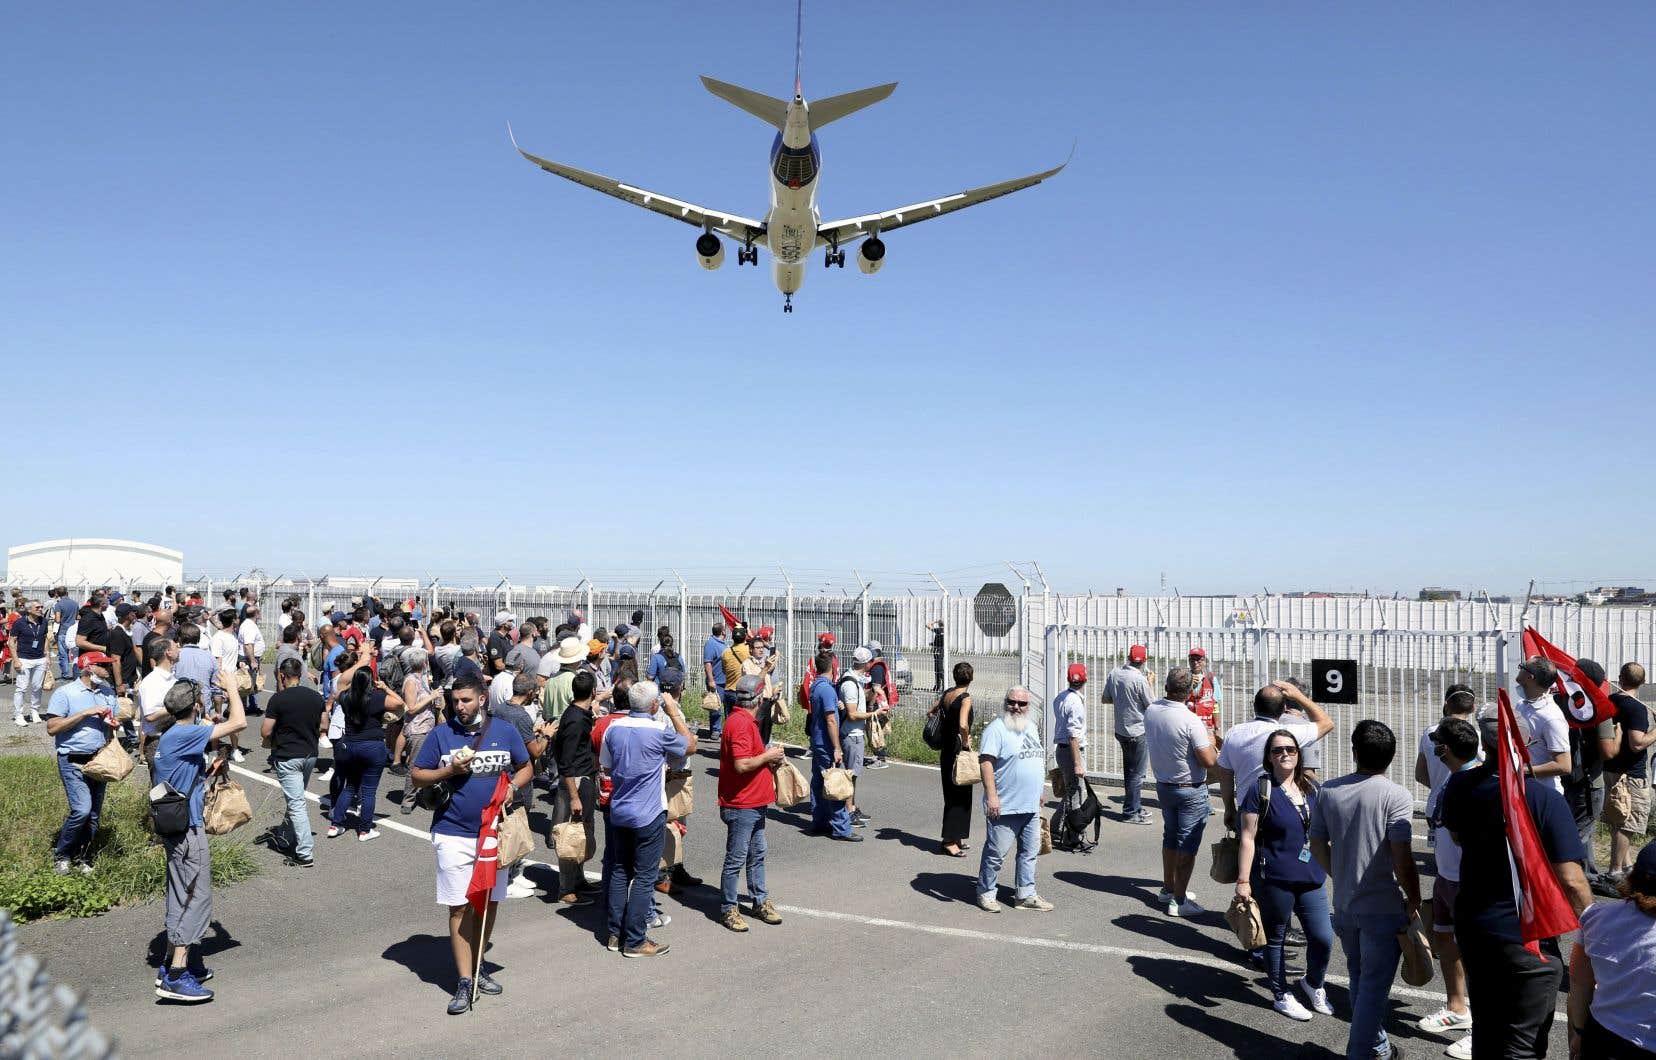 Seuls 100 des 350 employés de l'usine d'Airbus à Mirabel qui avaient été mis à pied ont été rappelés, sur les 2800 qui y œuvraient avant la crise.